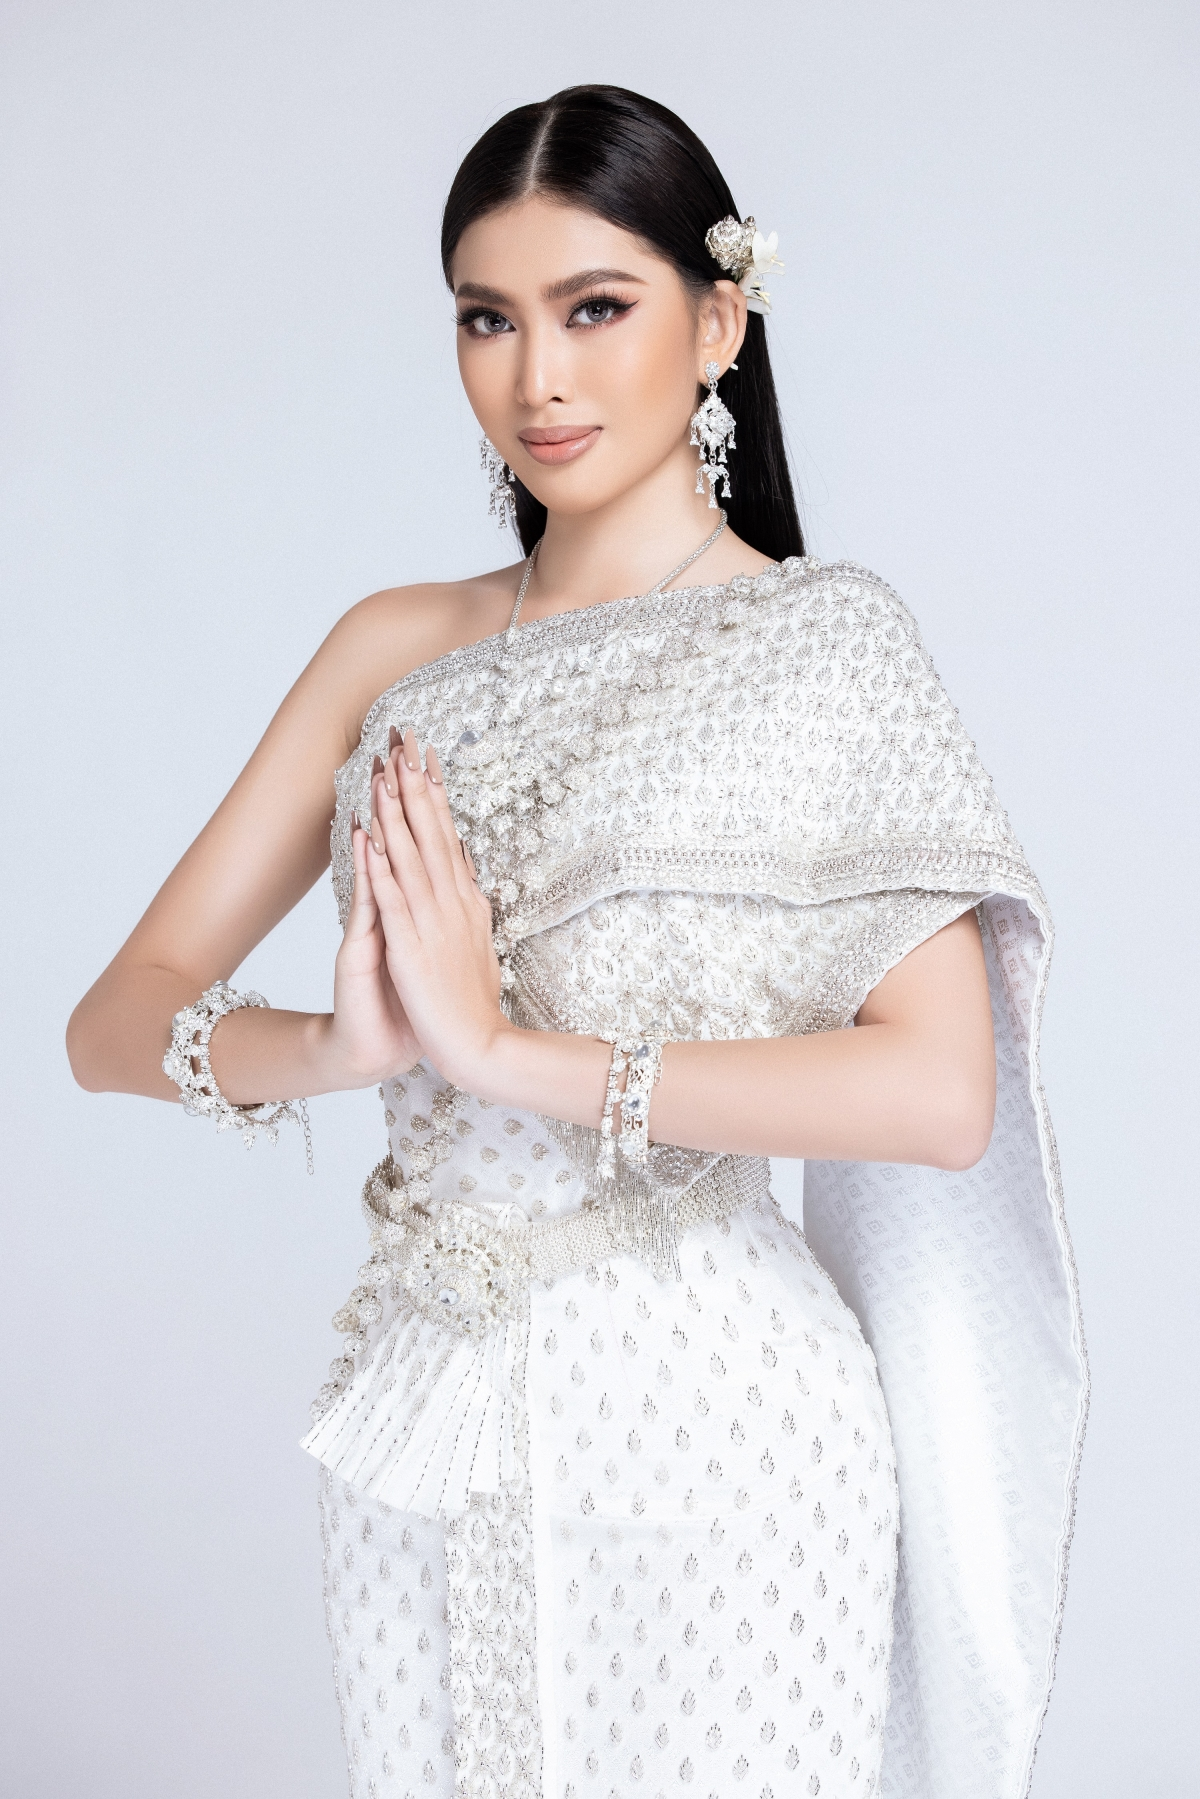 Thời gian qua, Á hậu Ngọc Thảo liên tục cập nhật những hoạt động trong ngày của mình tại cuộc thi Miss Grand International 2020. Điều đó khiến cho người mến mộ tại Việt Nam không khỏi hào hứng với với cuộc sống của cô nàng tại Thái Lan trước khi cuộc thi chính thức bắt đầu.